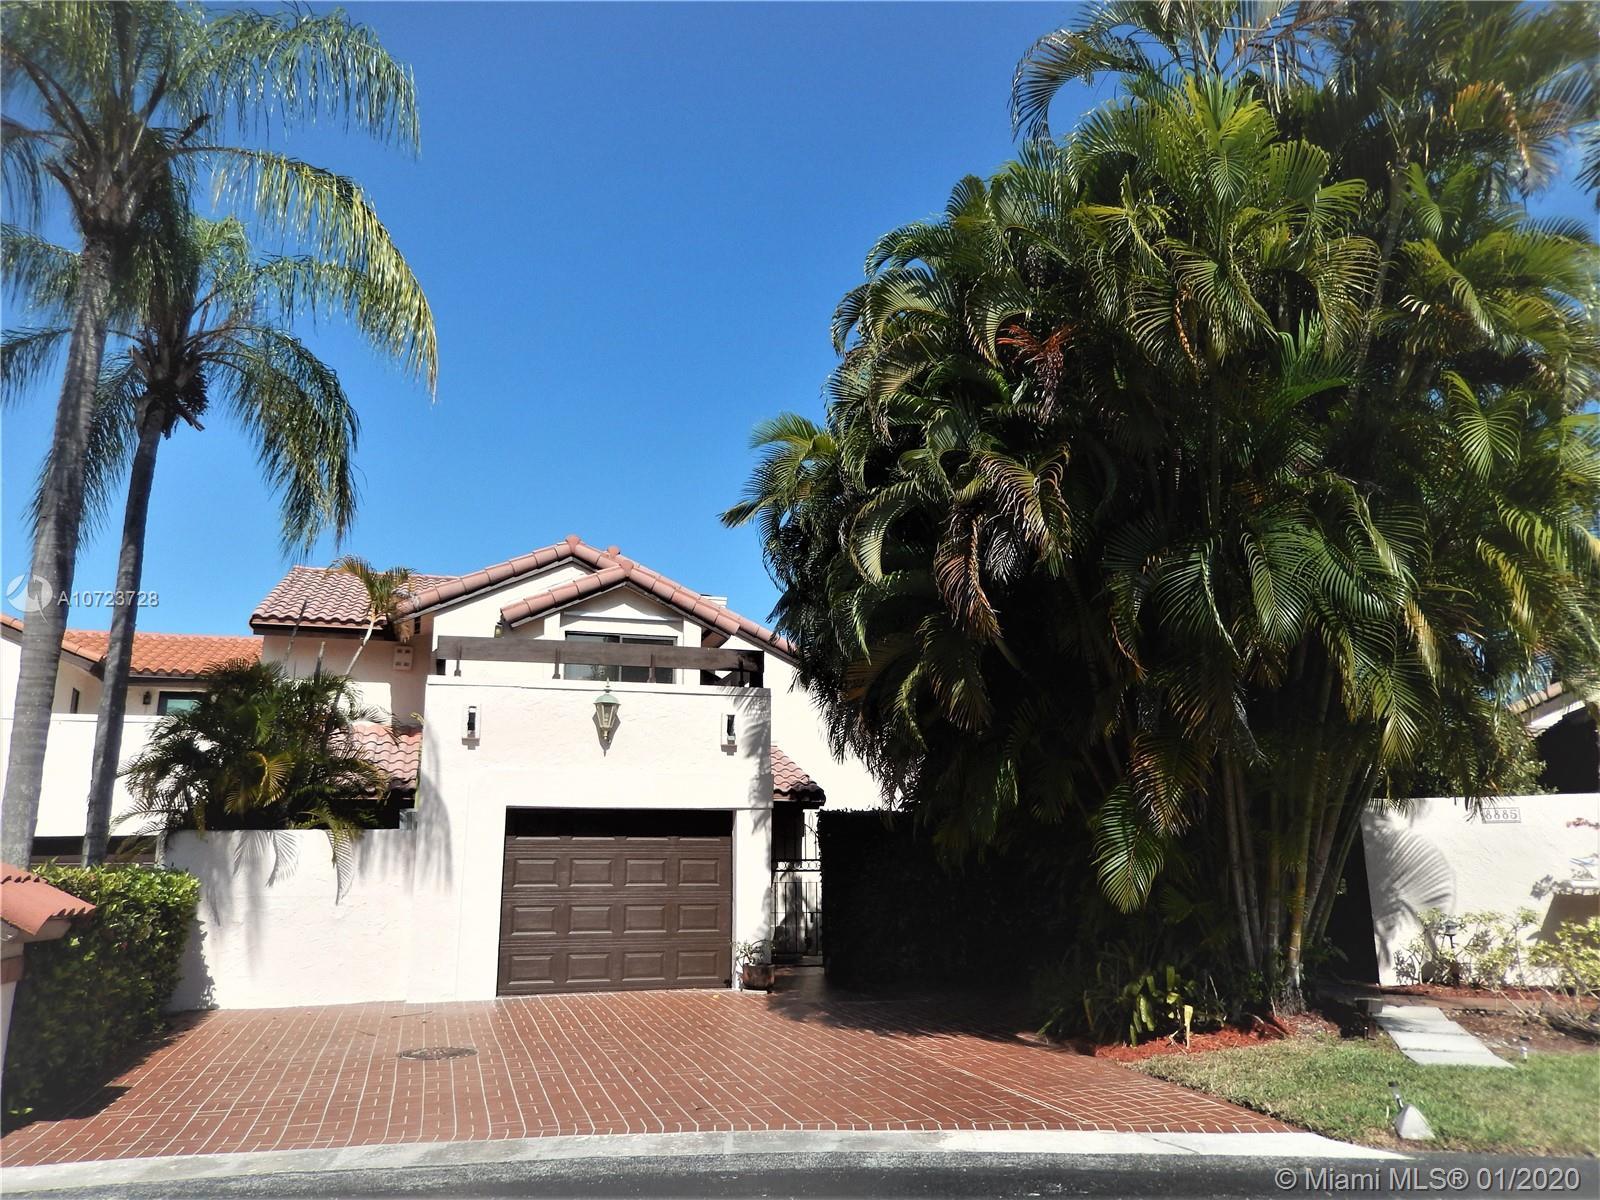 7801 S W 88 Terrace  For Sale A10723728, FL